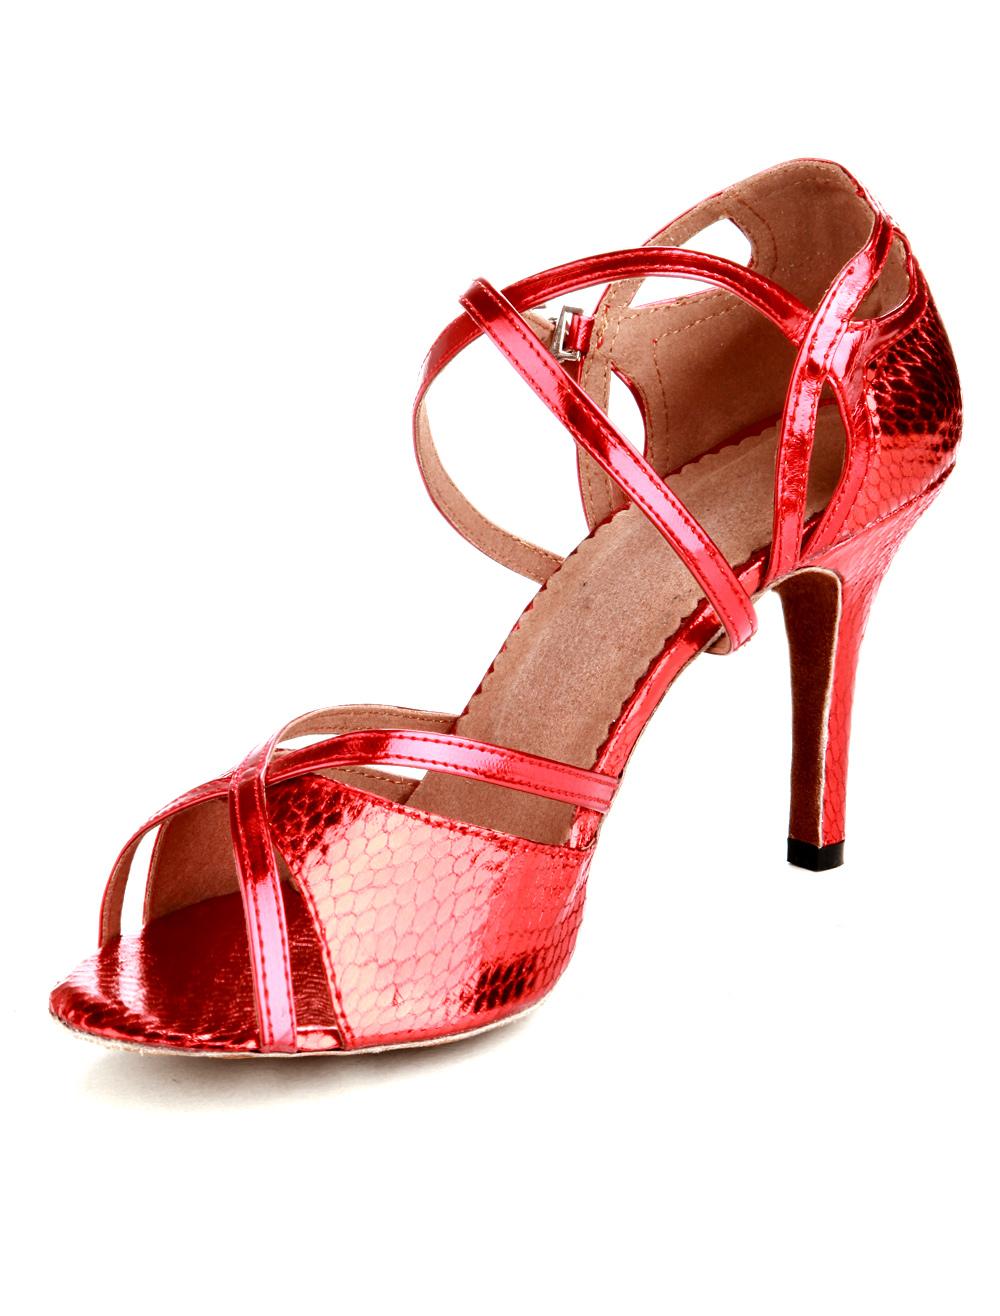 cercare super popolare aspetto estetico Scarpe da ballo latino rosse serpentine con tacchi alti cinturini incrociati